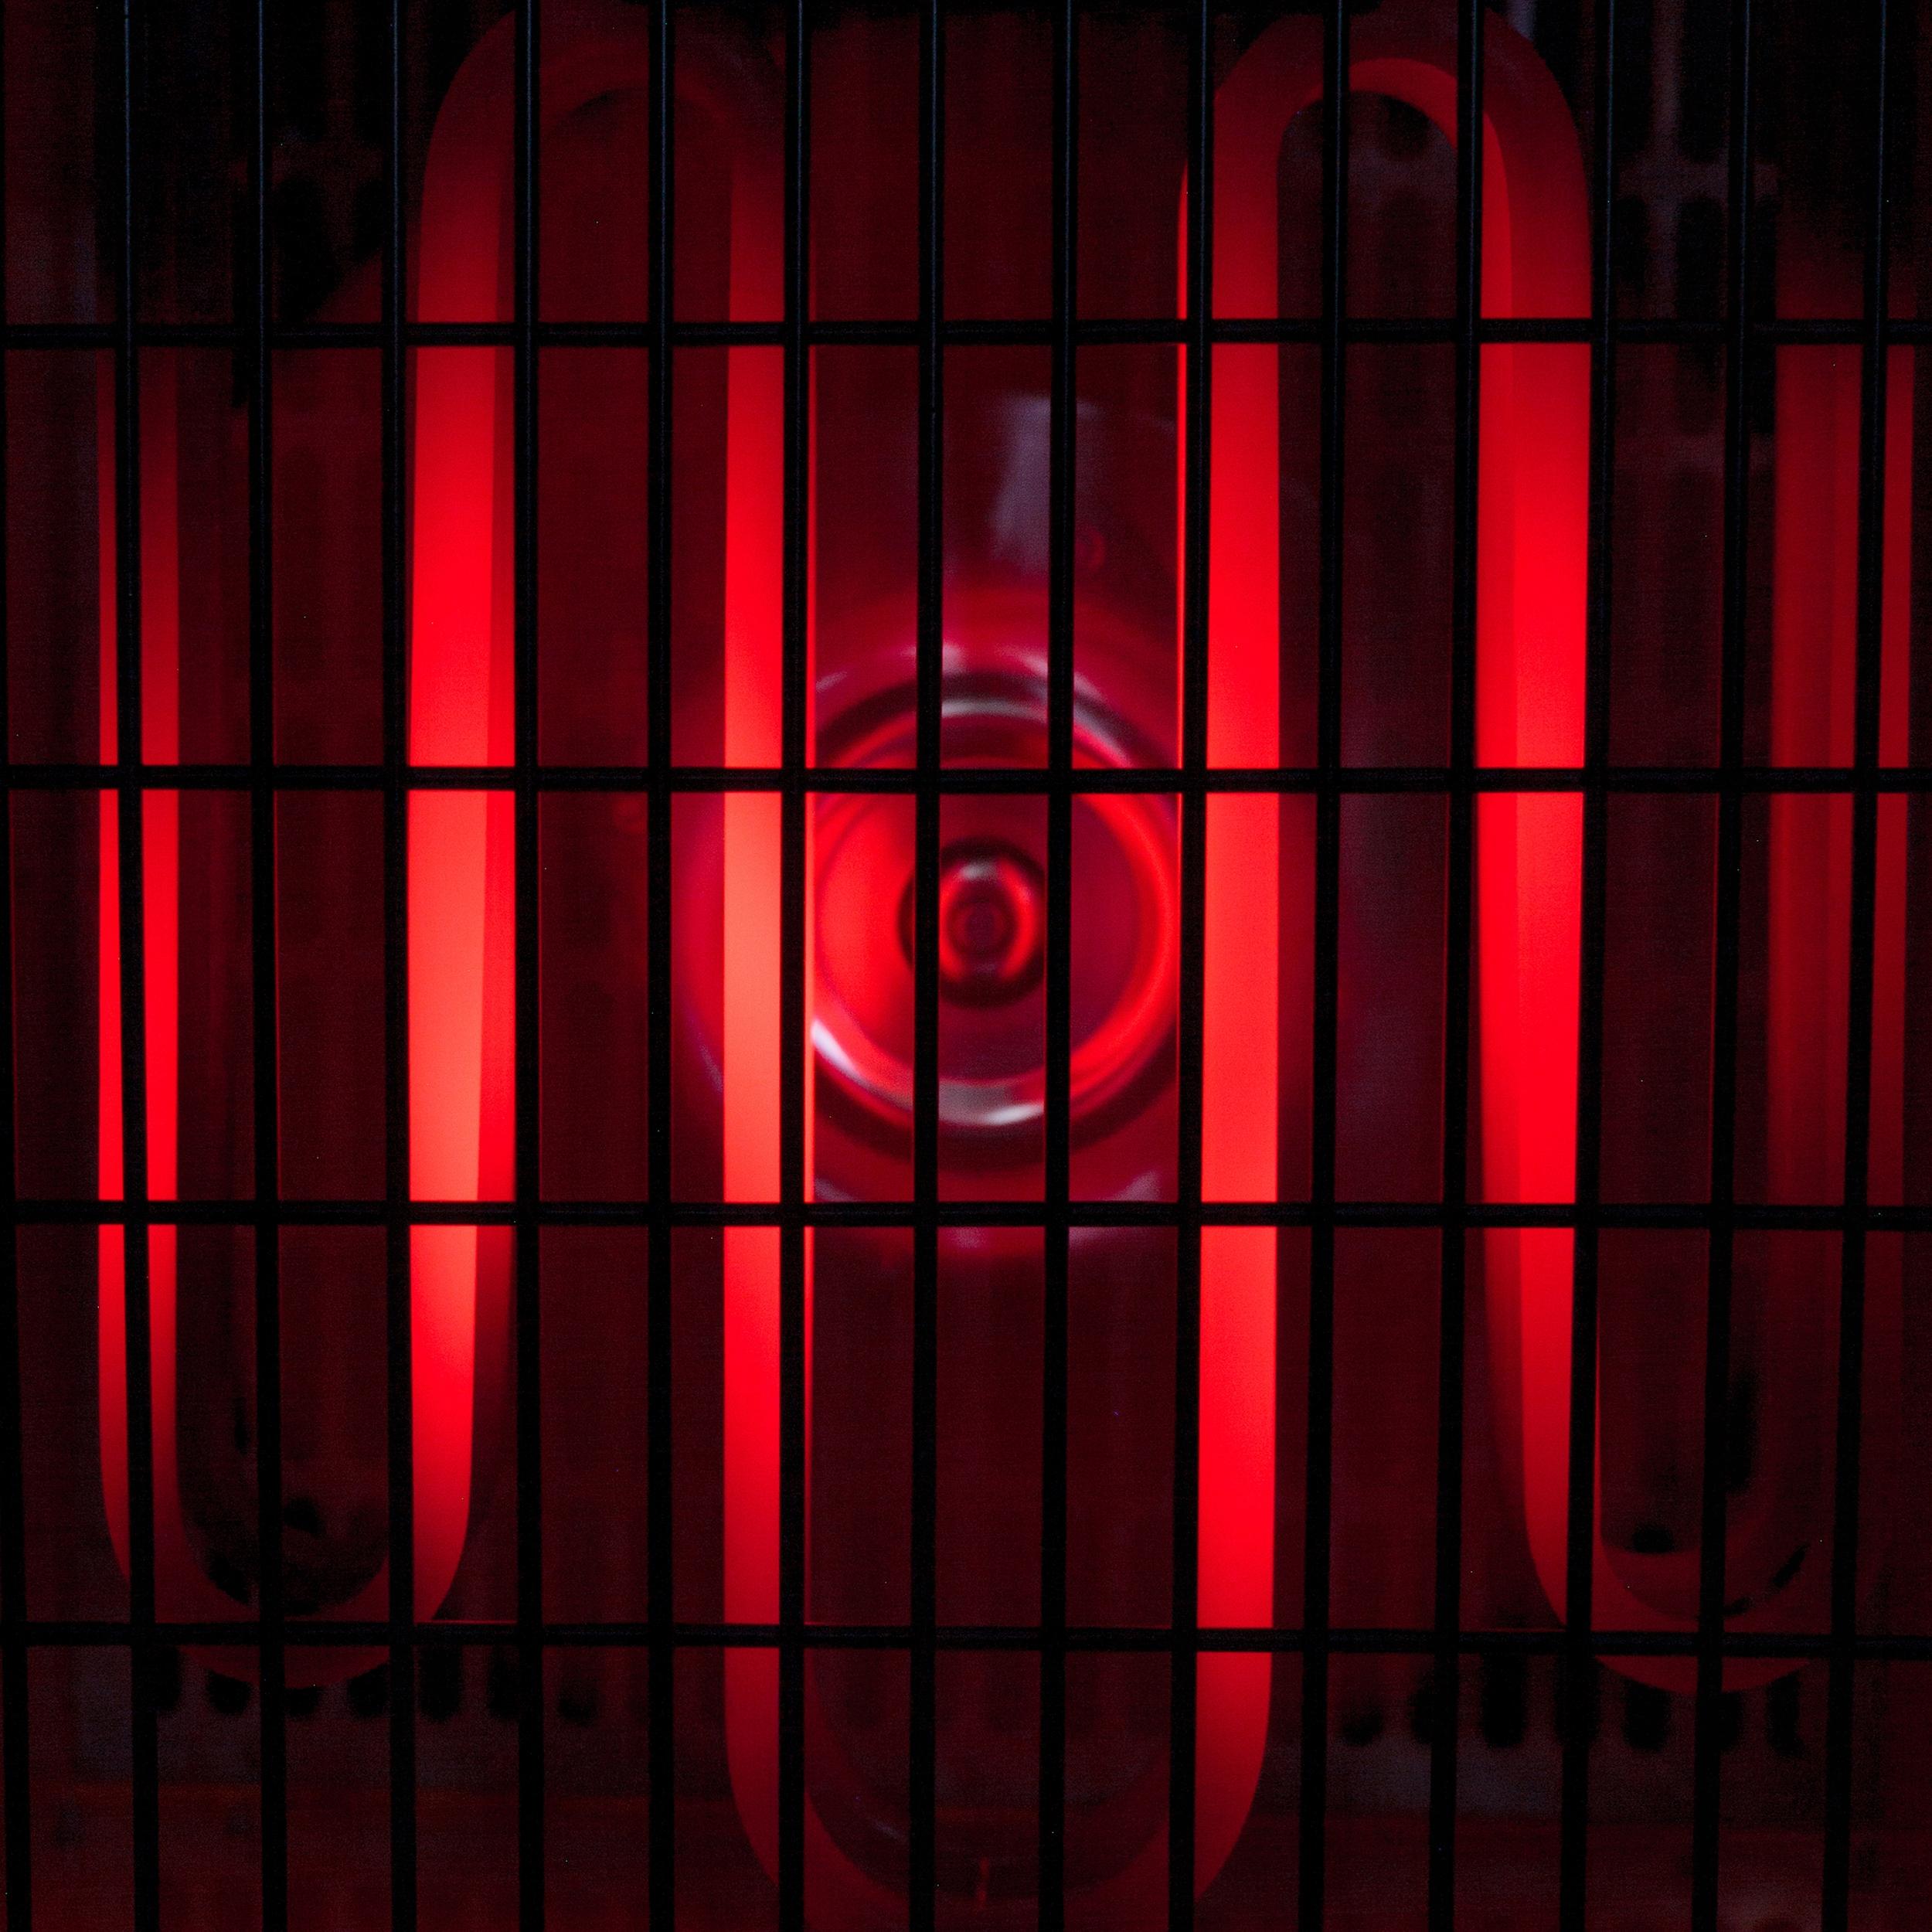 NAGRZEWNICA ELEKTRYCZNA FARELKA DMUCHAWA 3,3KW PL Kod producenta NAGRZEWNICA ELEKTRYCZNA 3,3KW